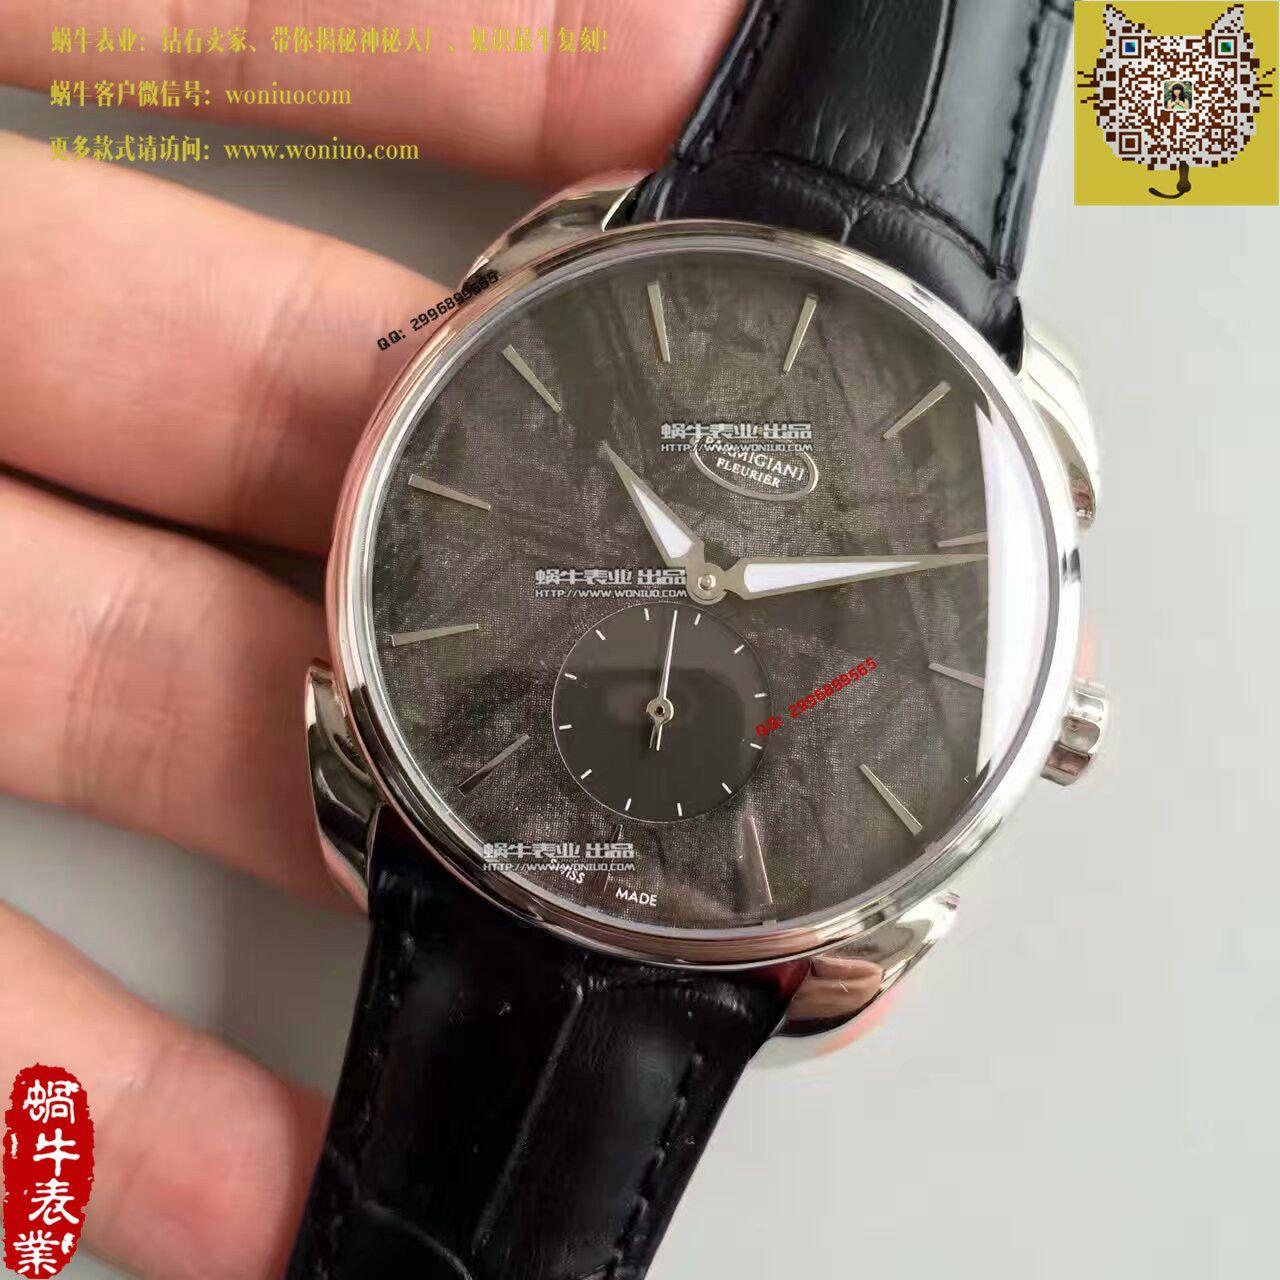 【一比一高仿手表】帕玛强尼Tonda系列特别版镂空限量腕表 / PM018